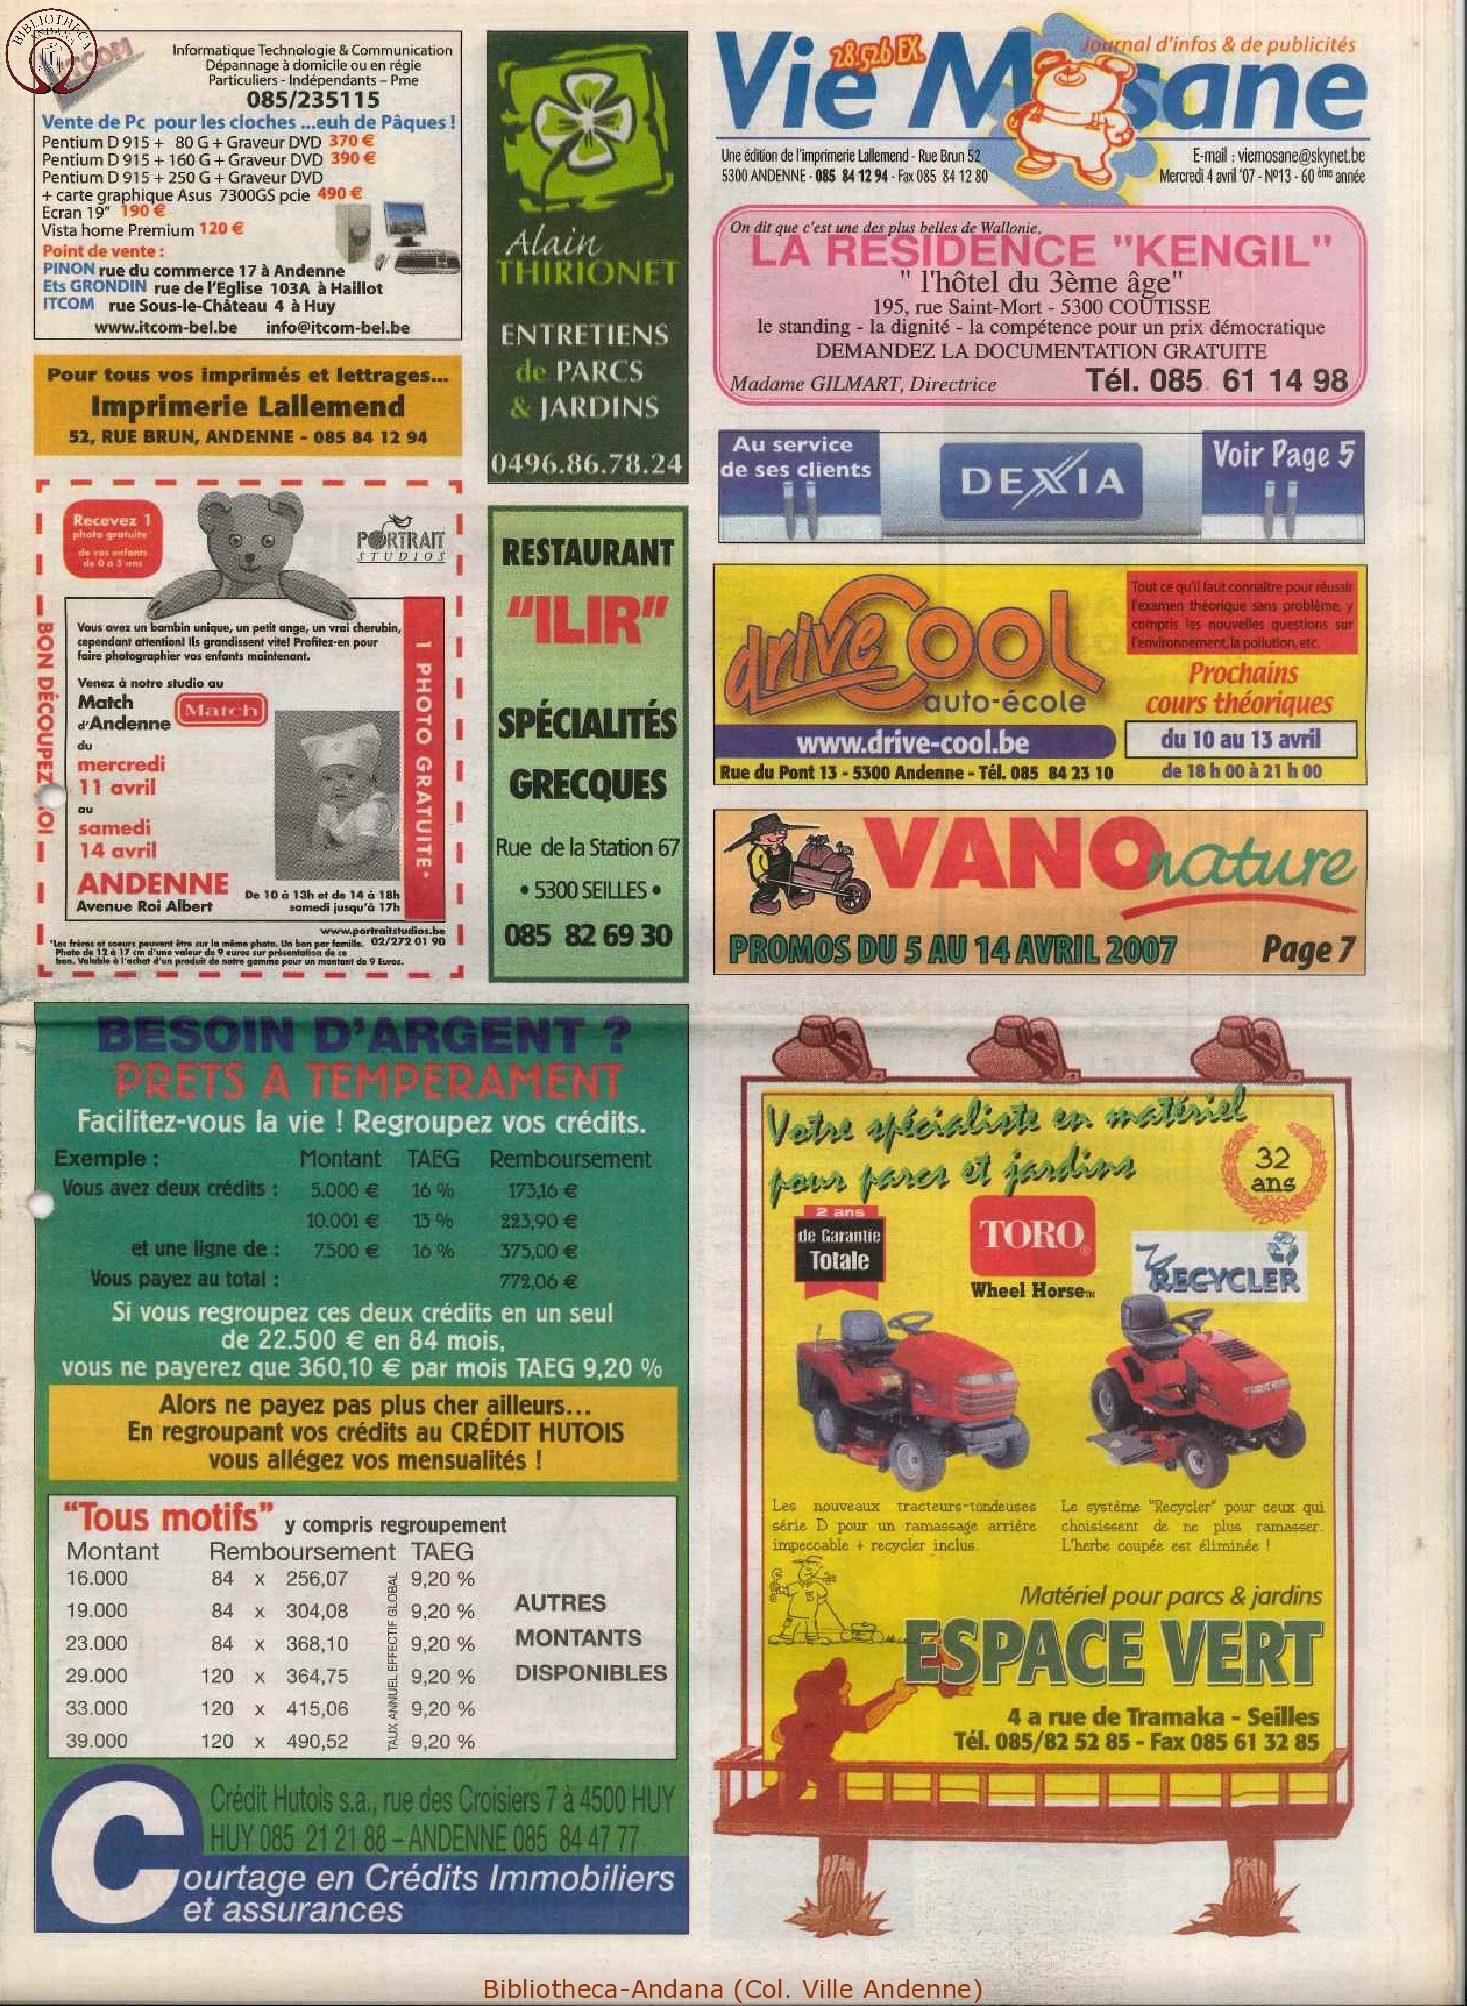 60e année - n°13 - 4 avril 2007